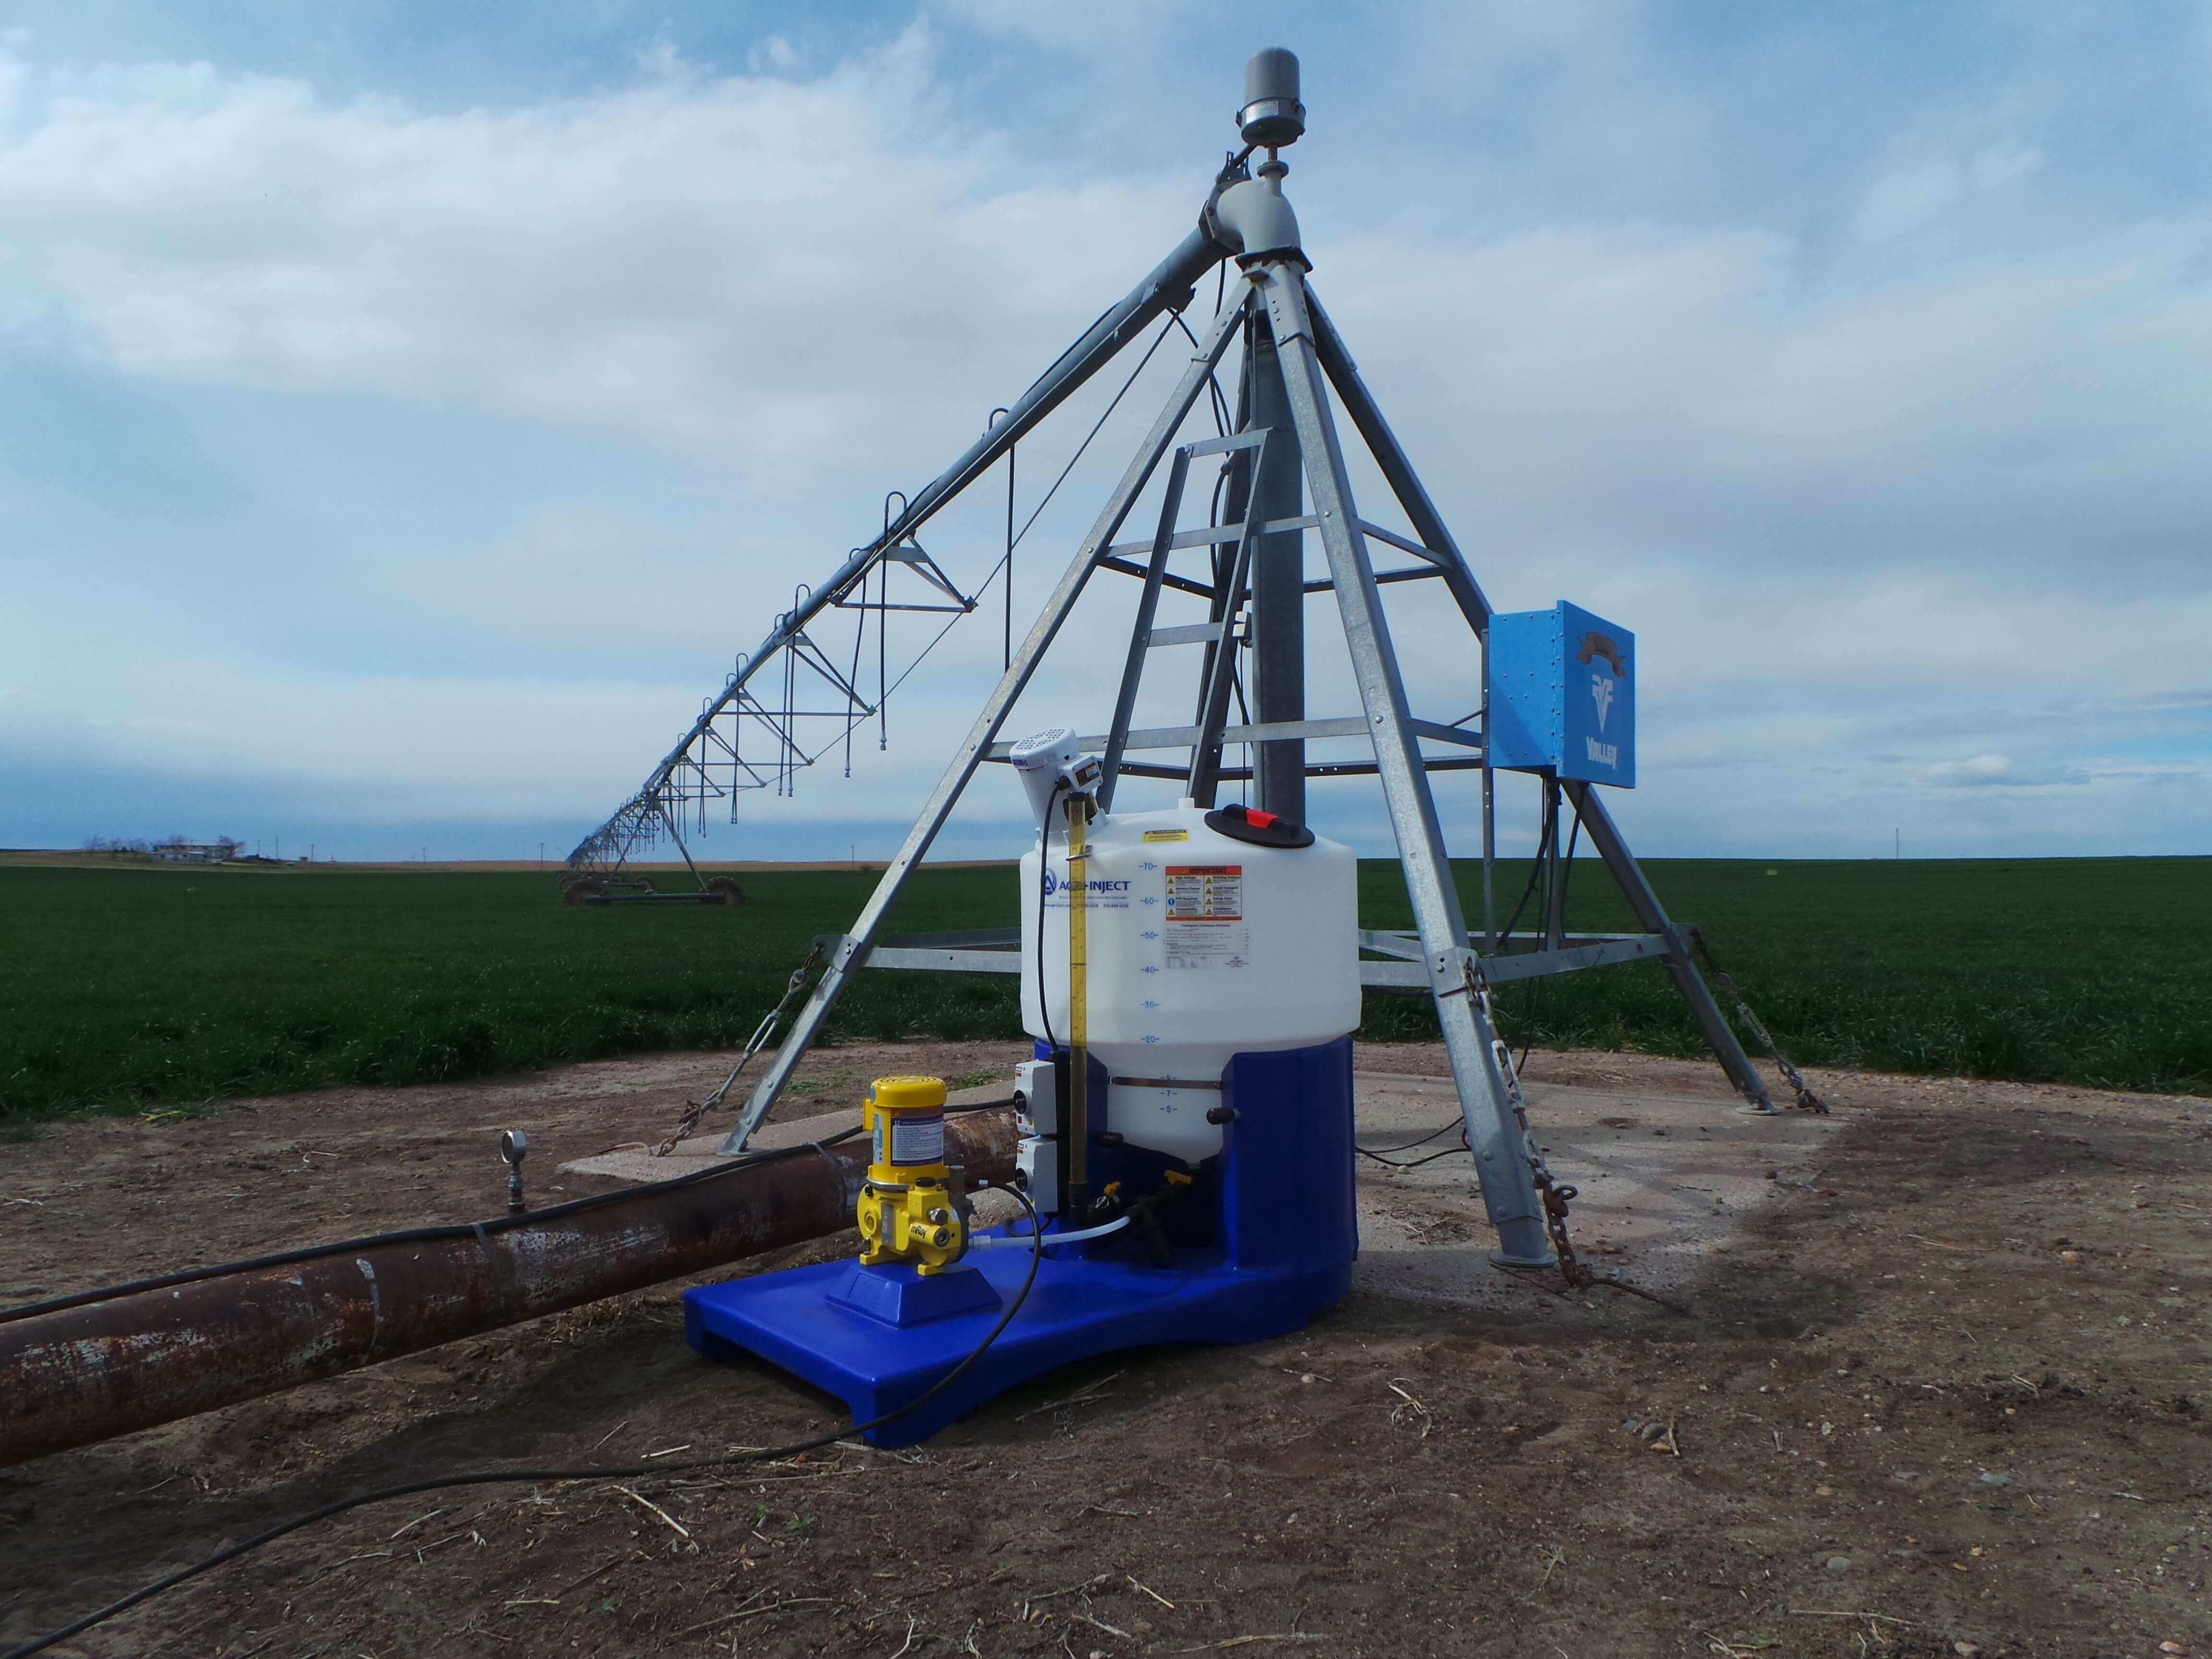 Irrigator intimidating